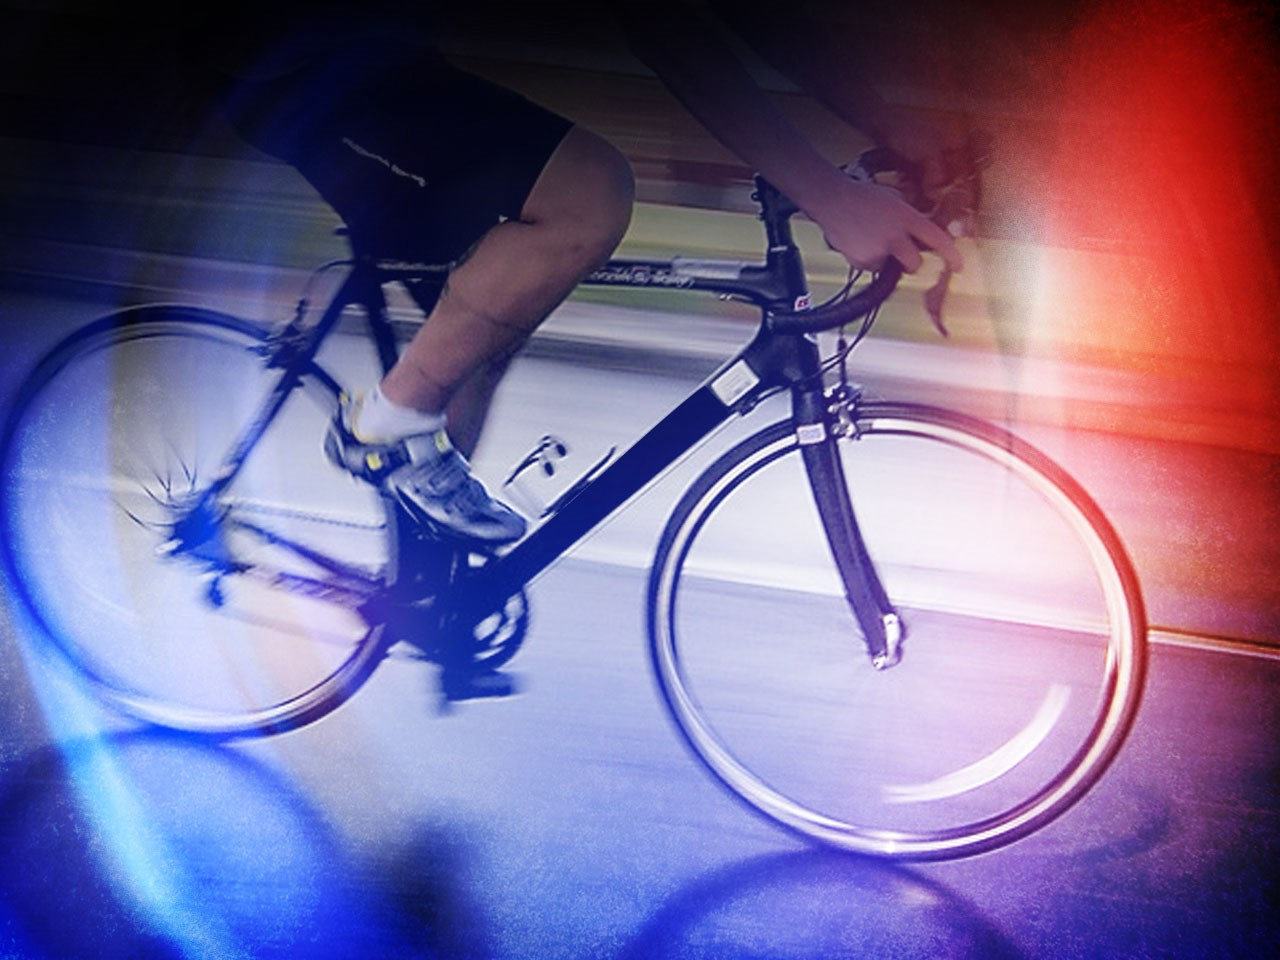 Bicycle_1526065133994.jpg